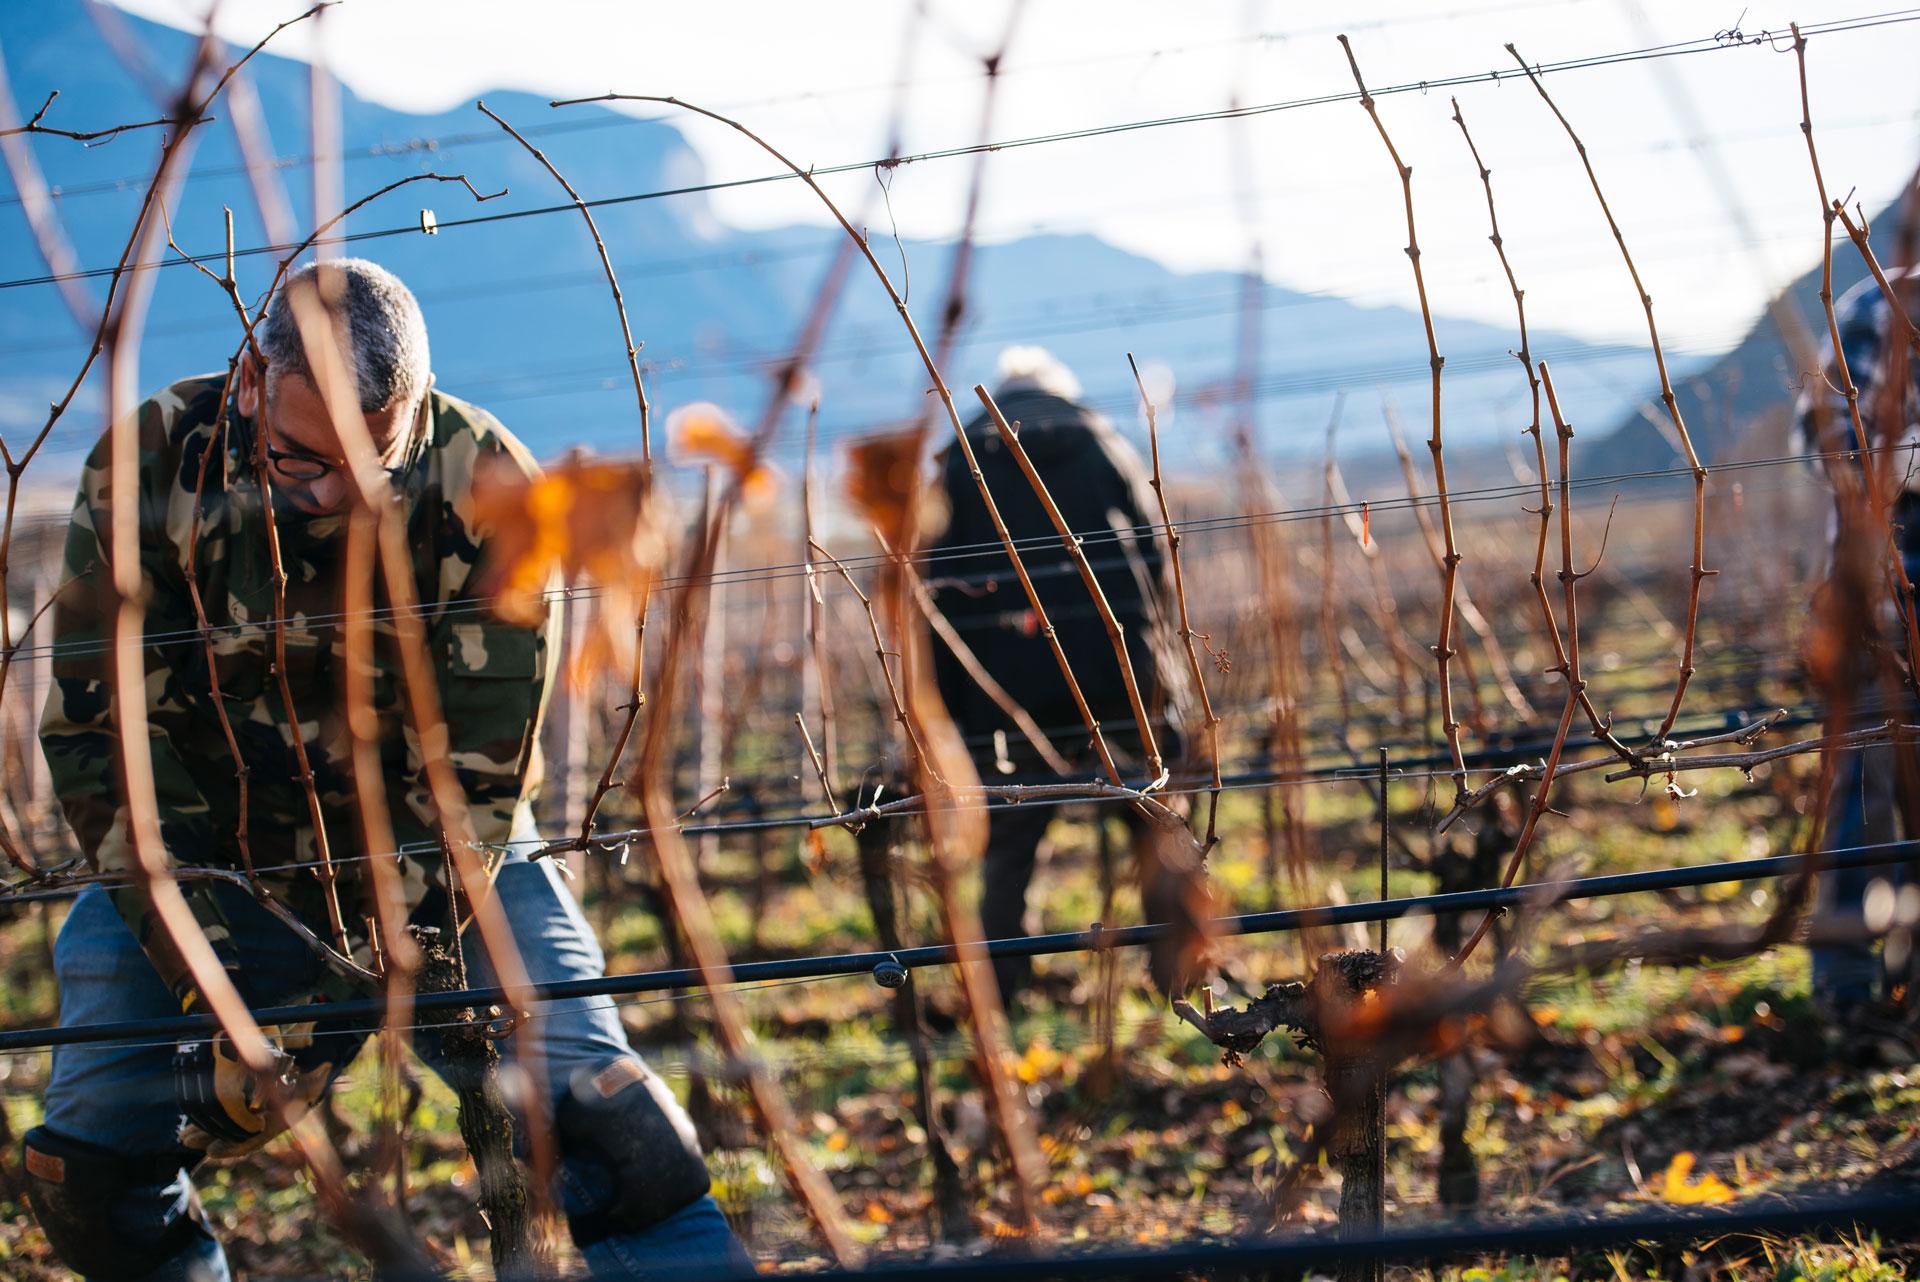 Pruning training   Manincor   Caldaro   Alto Adige   Italy